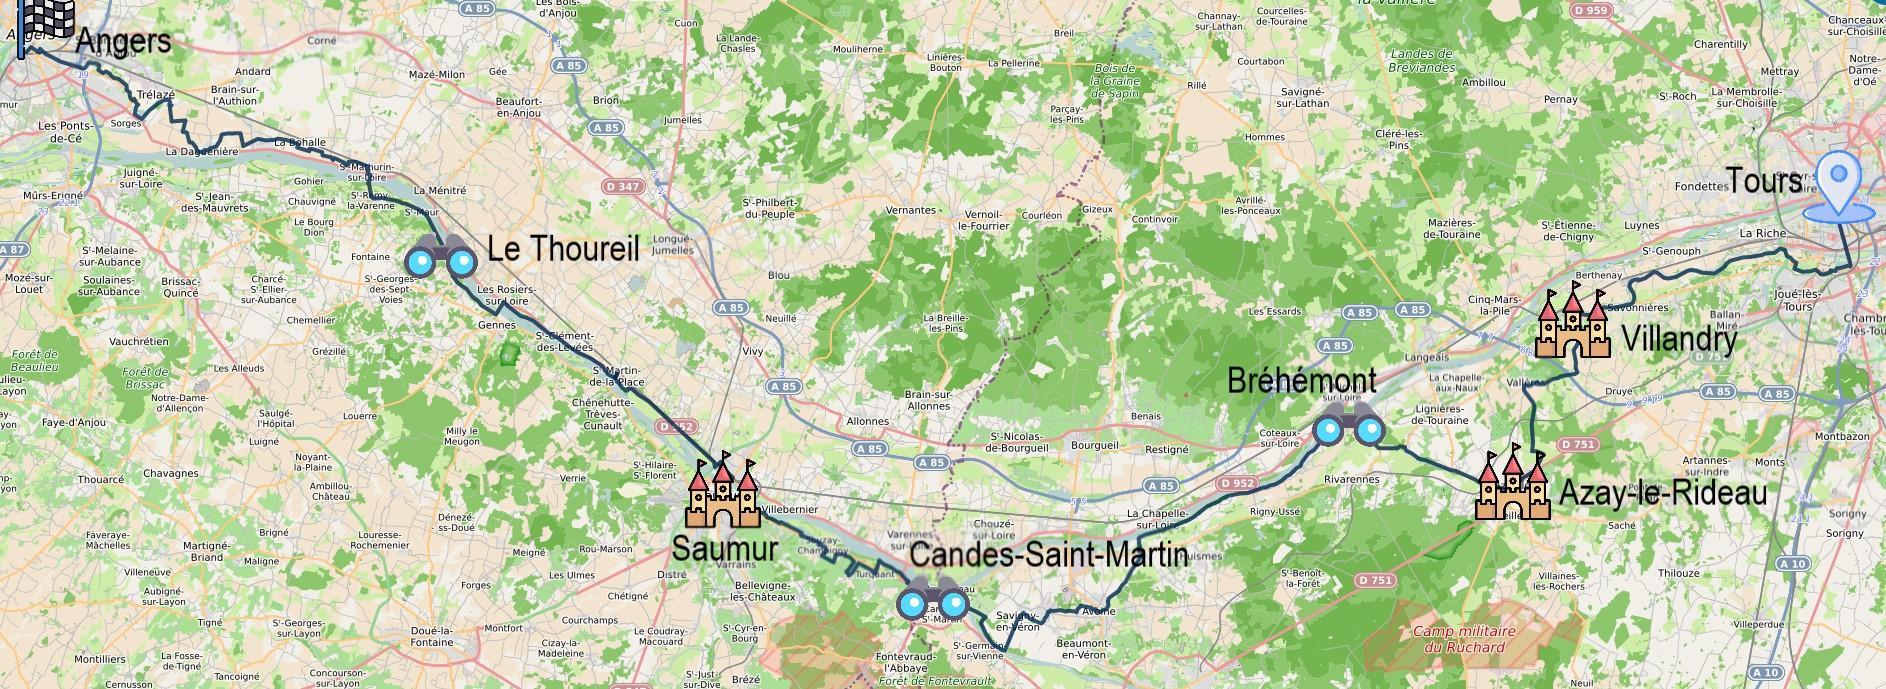 4 jours entre Tours et Angers